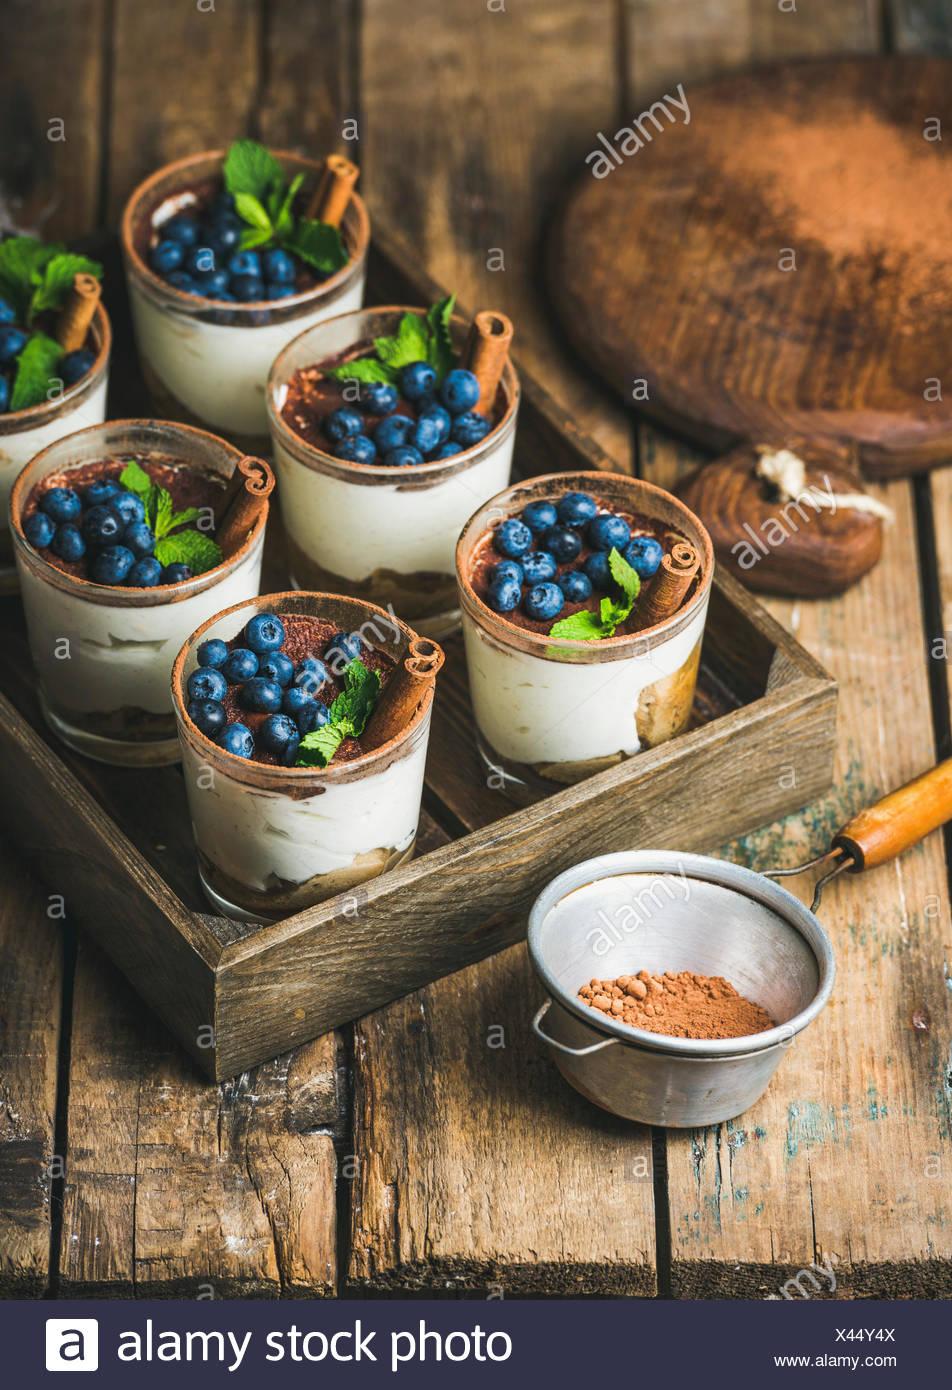 In casa il Tiramisù dessert in bicchieri di cannella, di menta e di mirtilli freschi nel vassoio di legno e del crivello inferiore con la polvere di cacao su r Immagini Stock